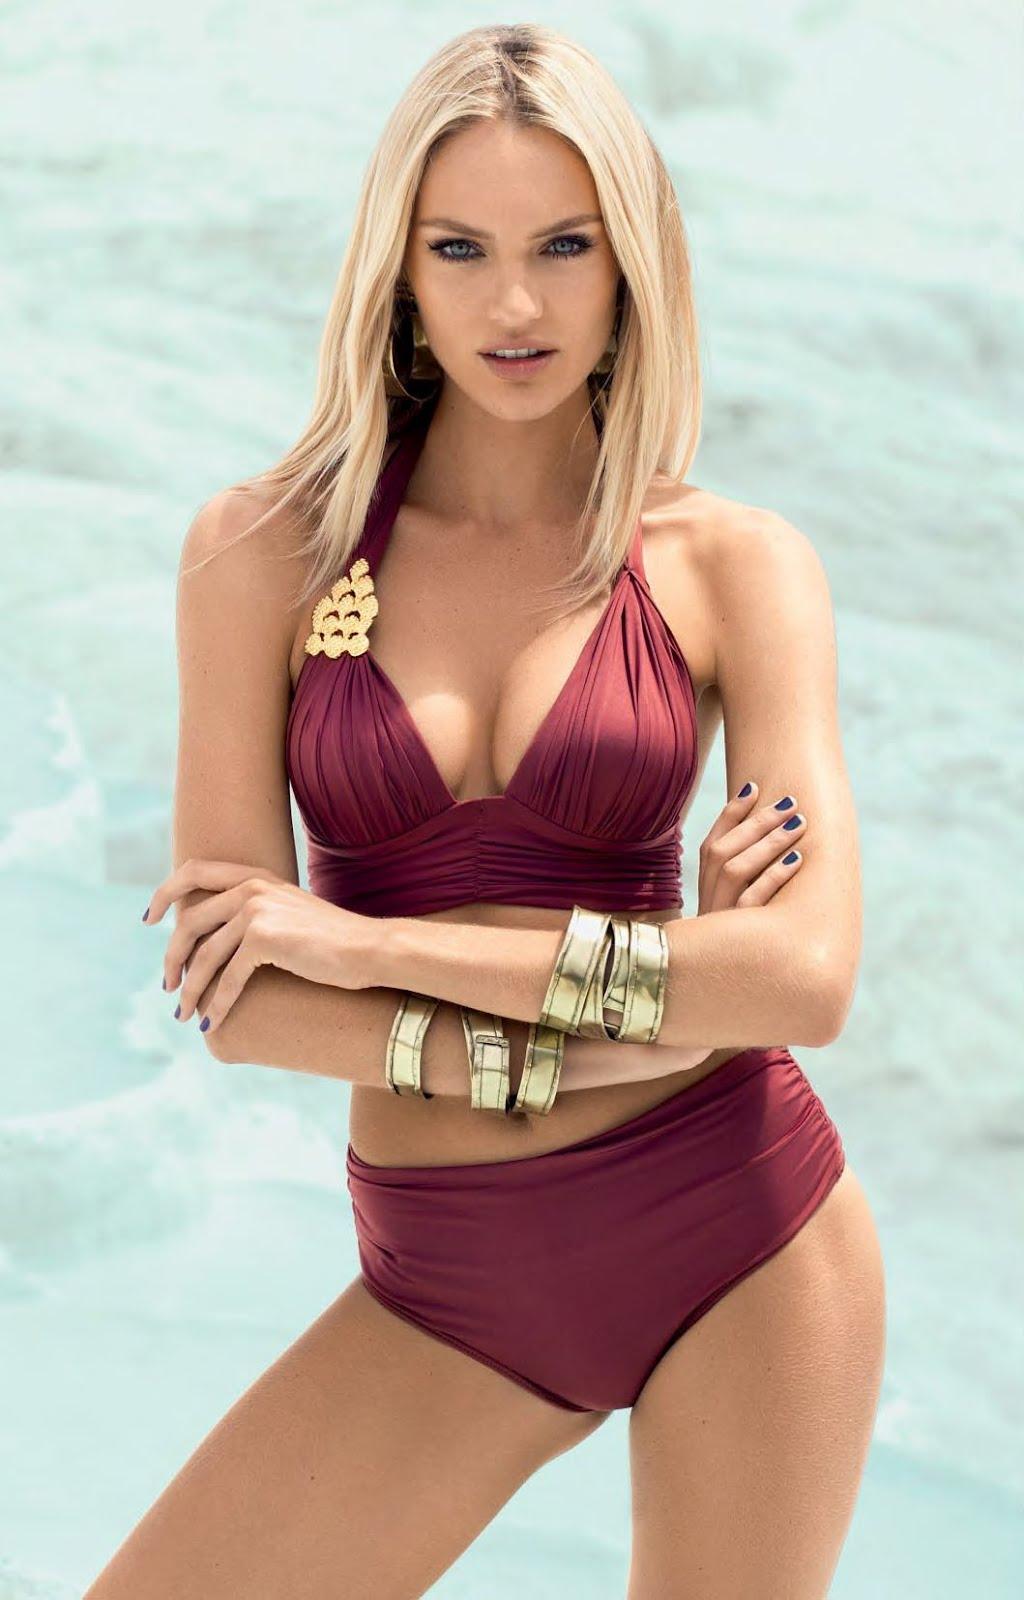 Agua de coco bikini